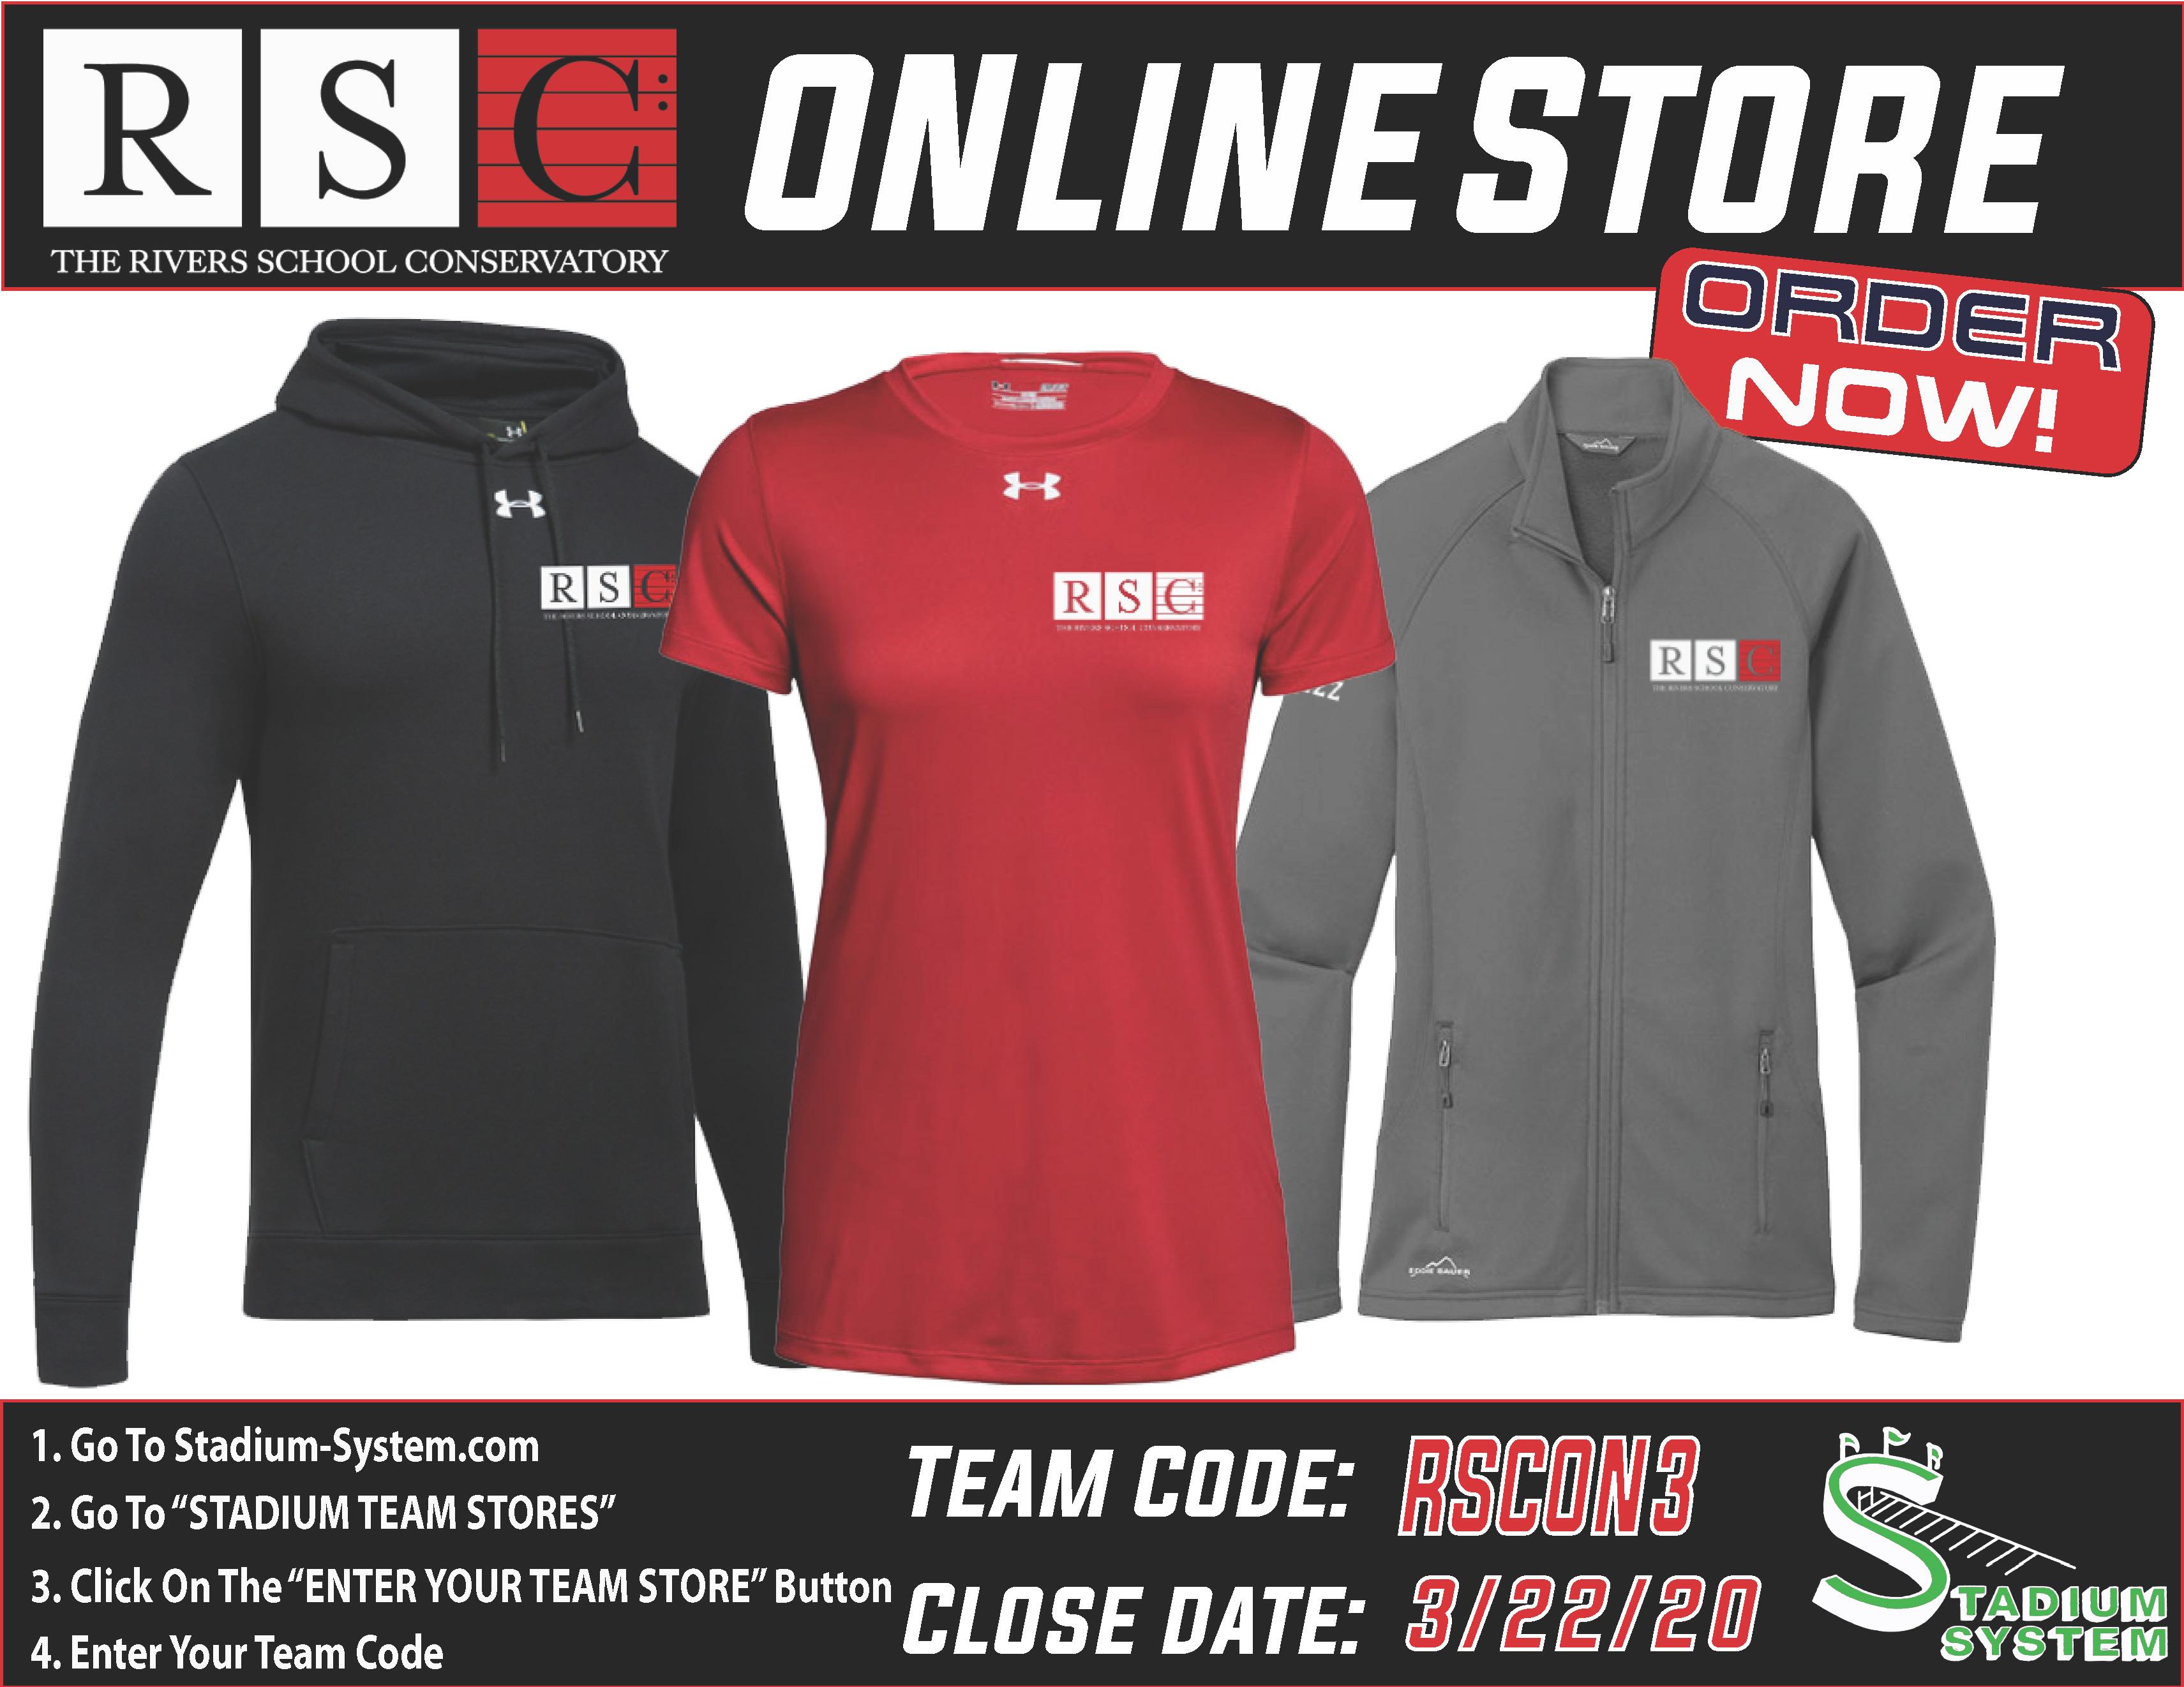 RSC Online Store